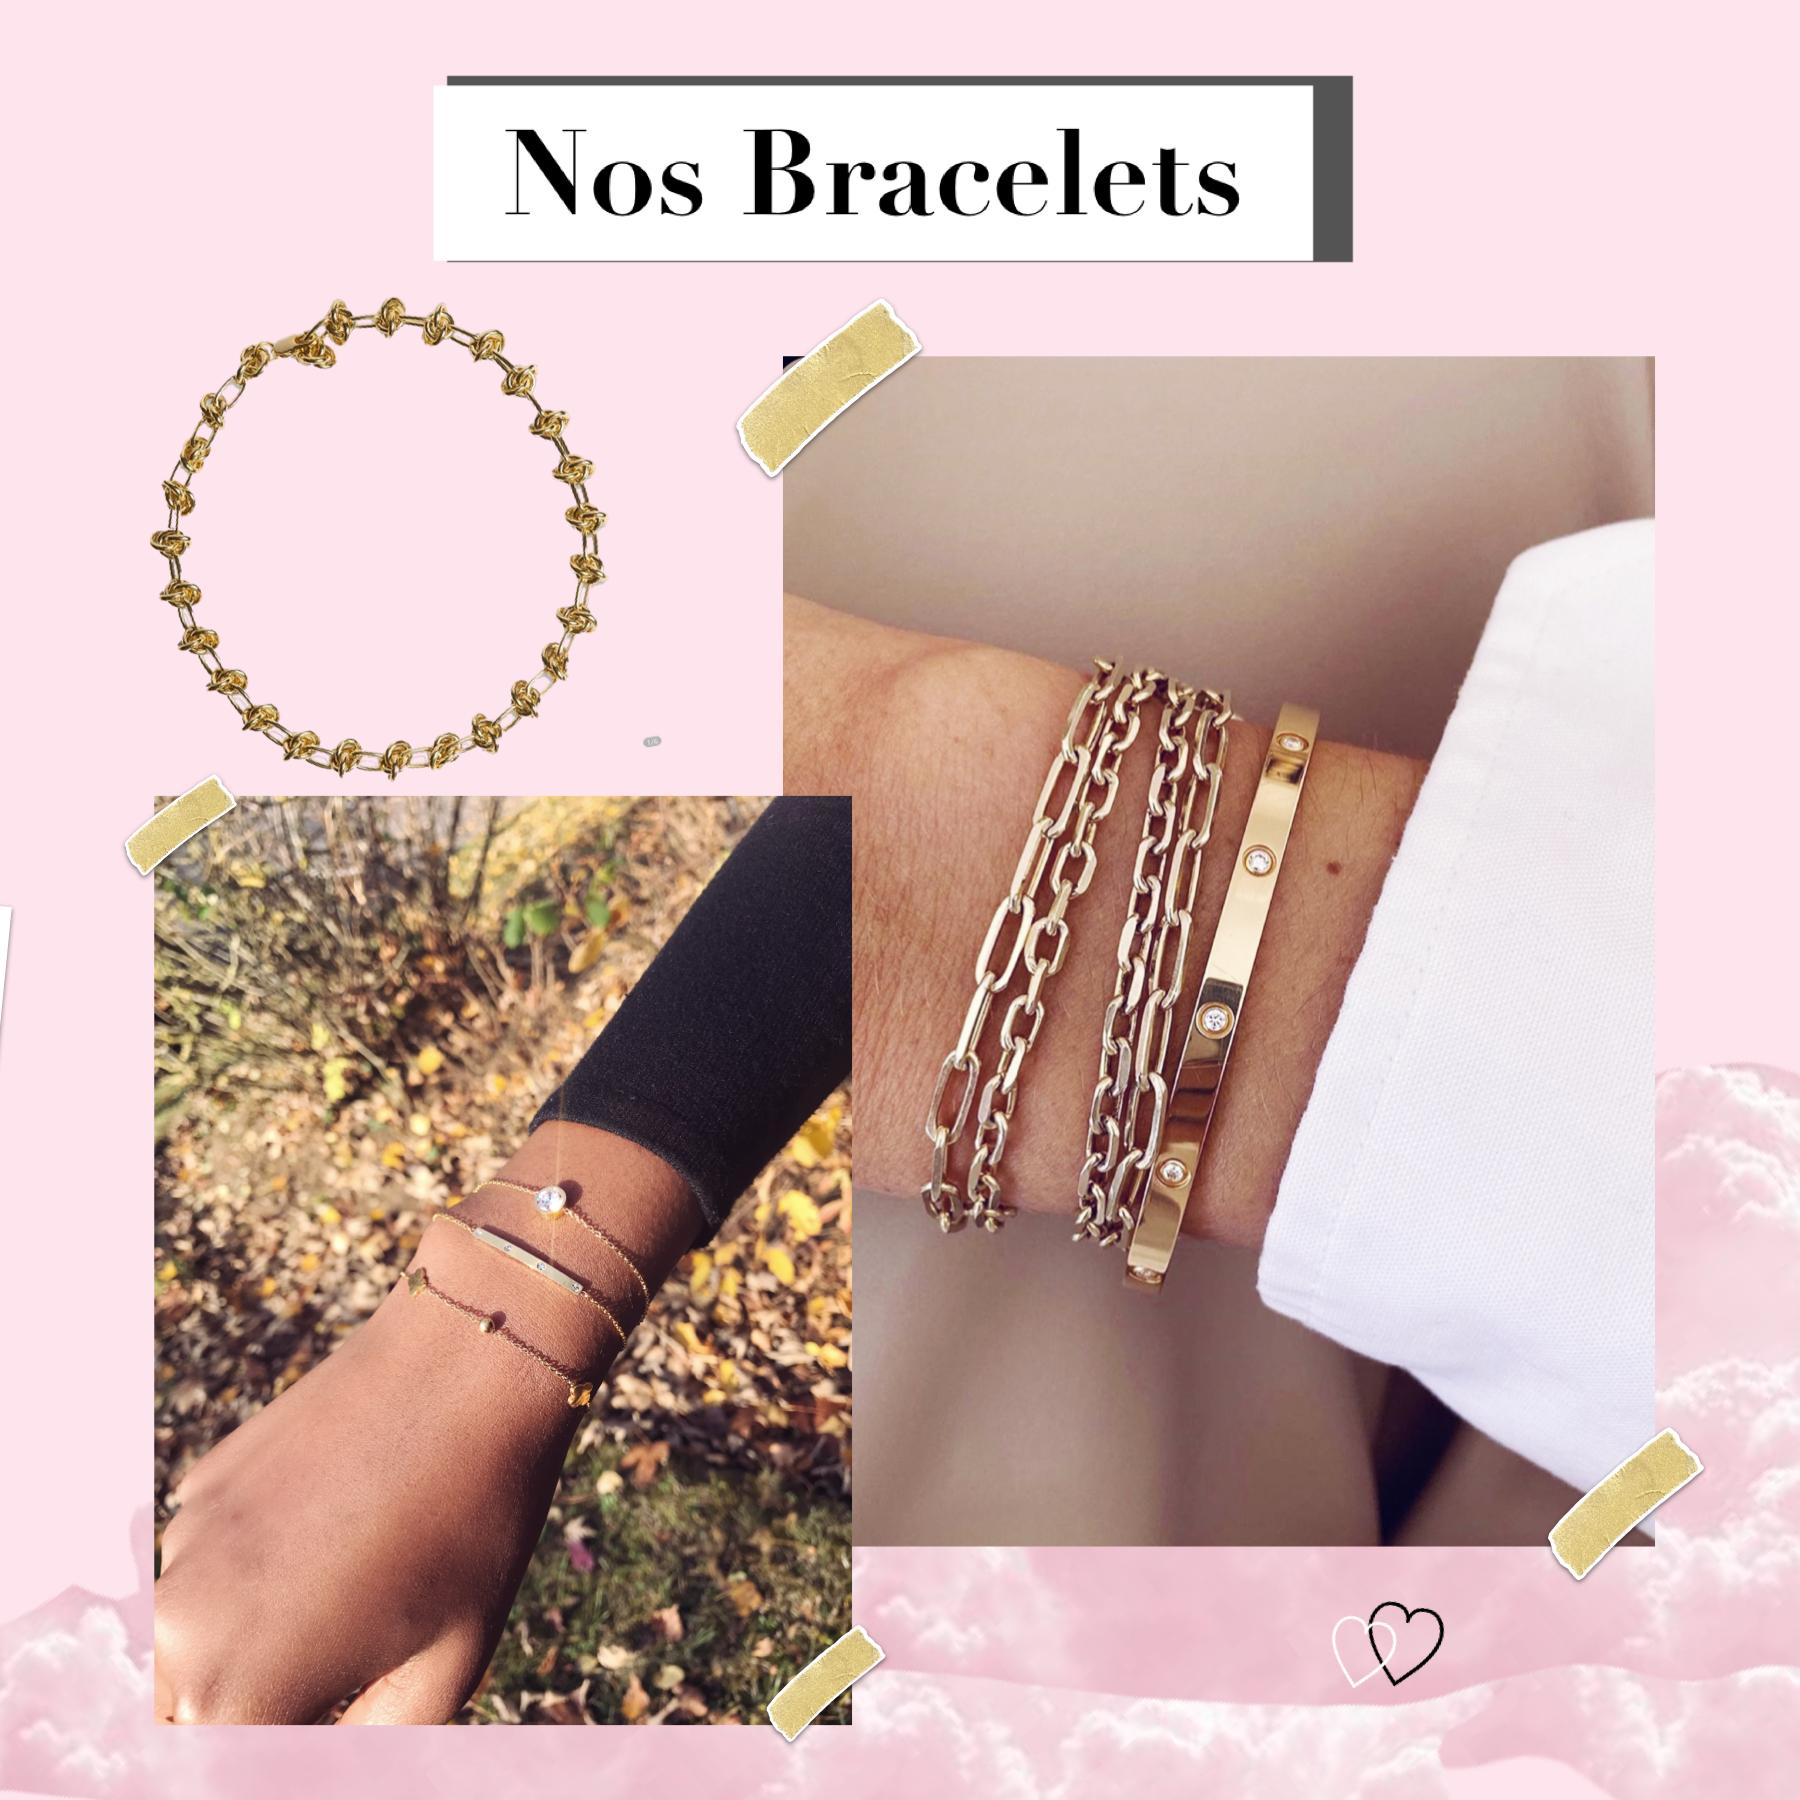 aperçu des bracelets Hazanellie portés